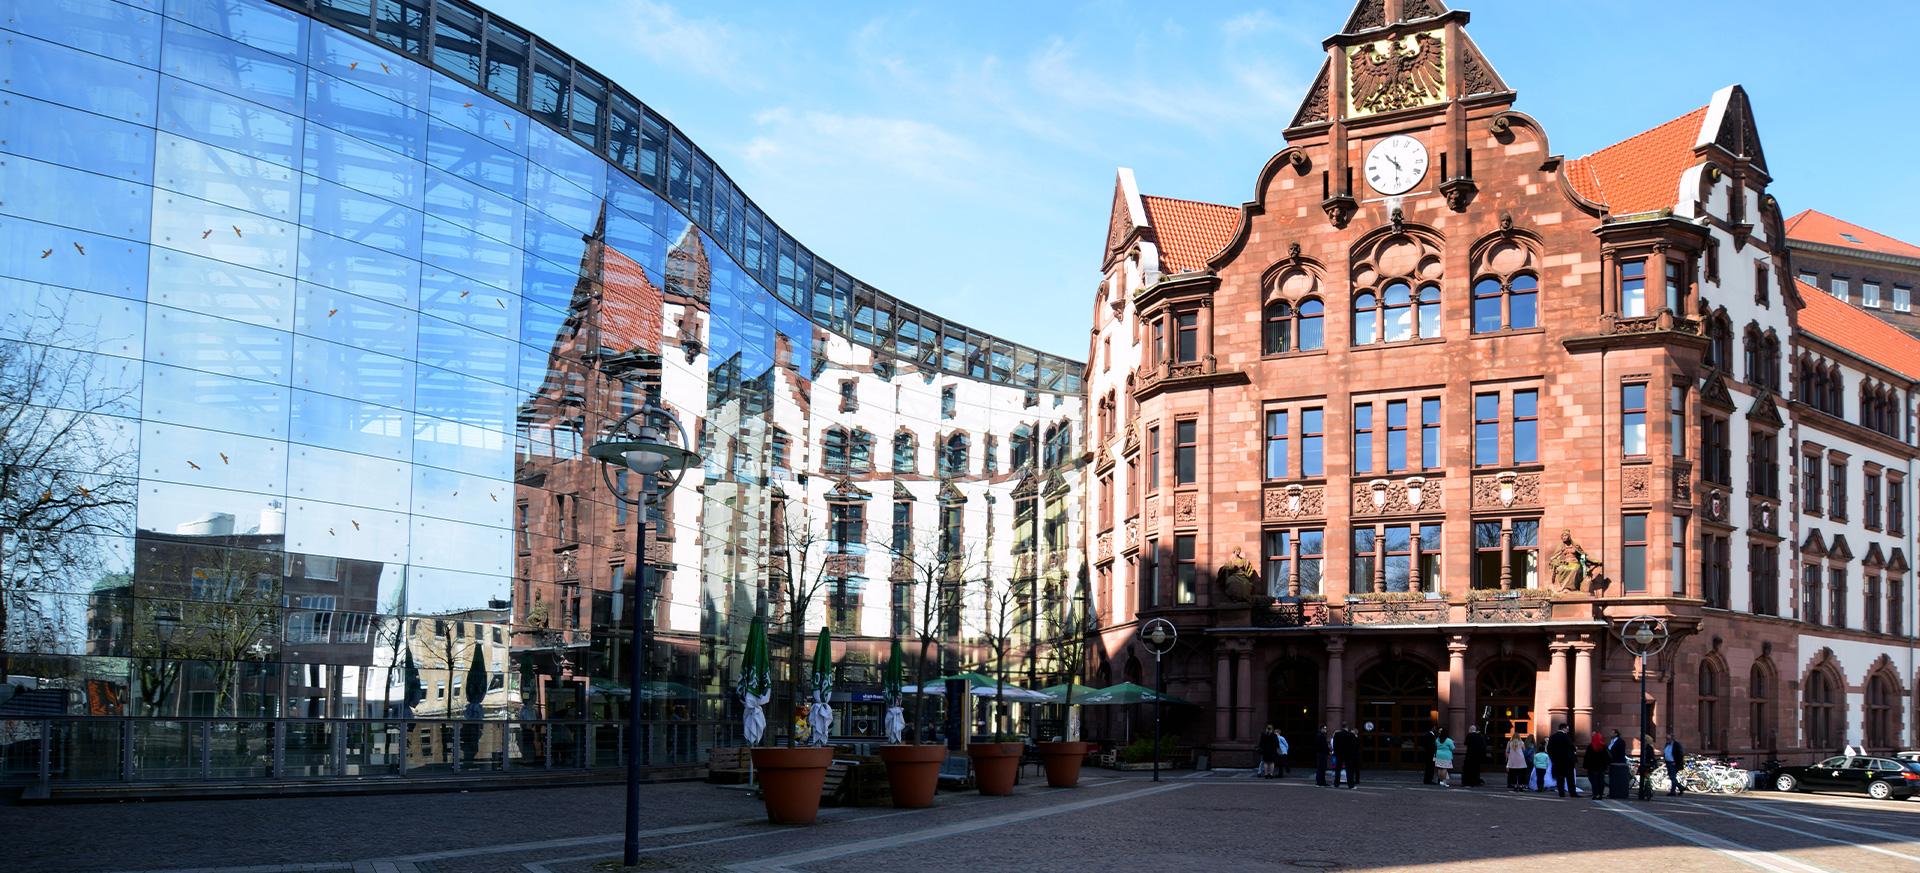 Blick auf die Berswordt-Halle in Dortmund.